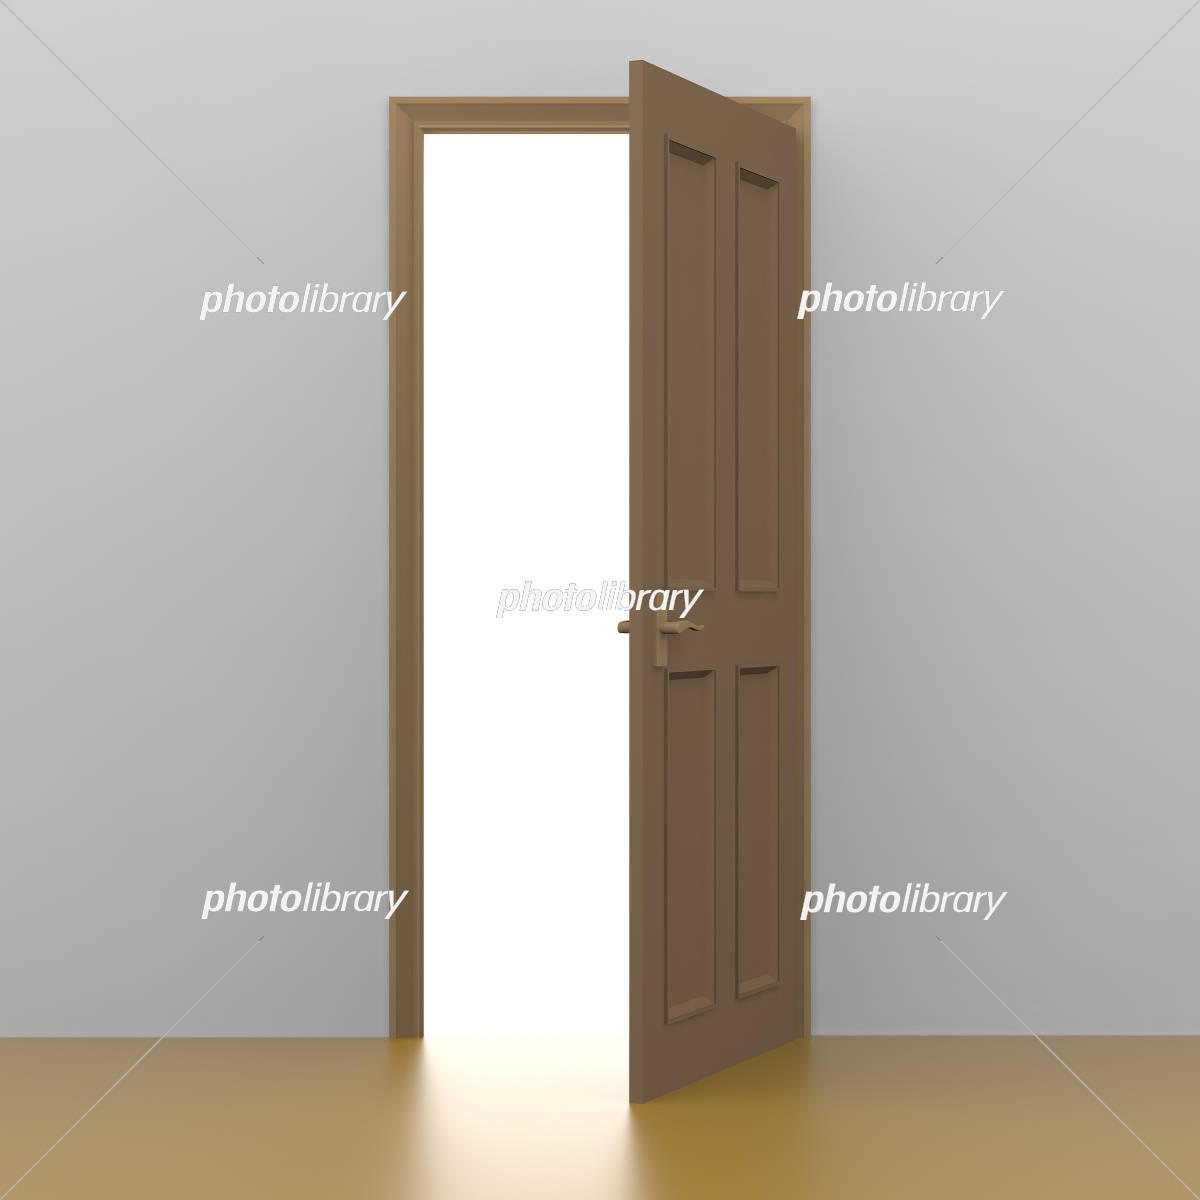 光が差し込む希望の扉 イラスト素材 4387530 フォトライブラリー